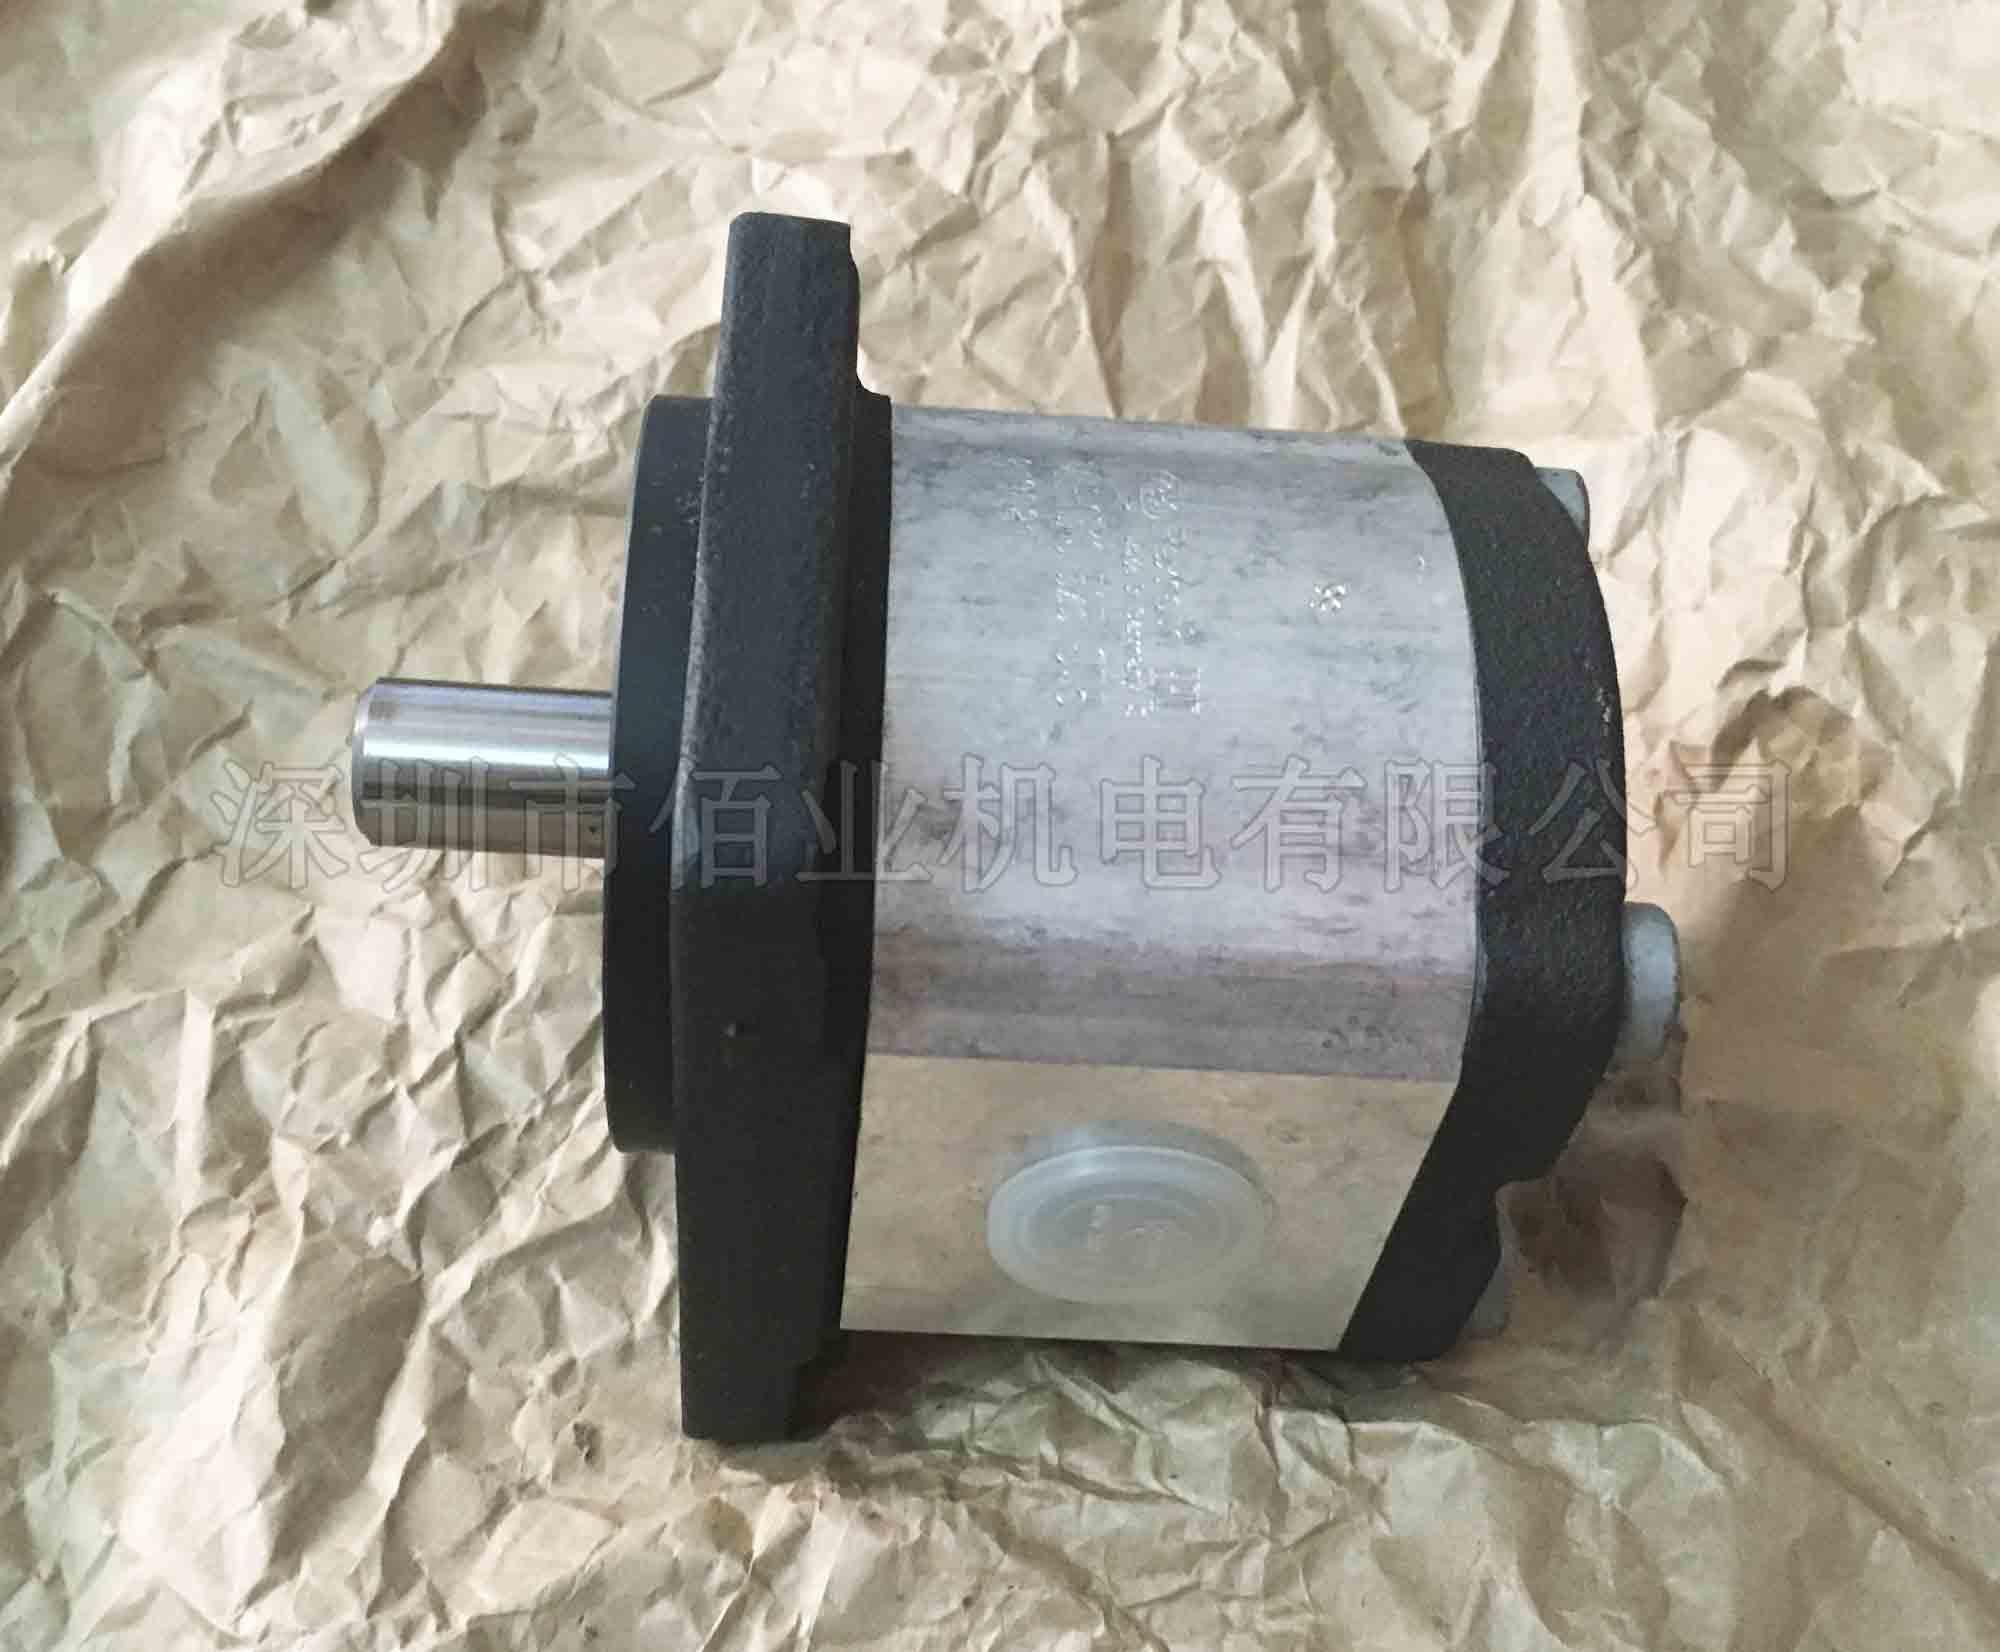 力士乐外啮合齿轮泵,AZPF-11-011RAB01MB,0510525076